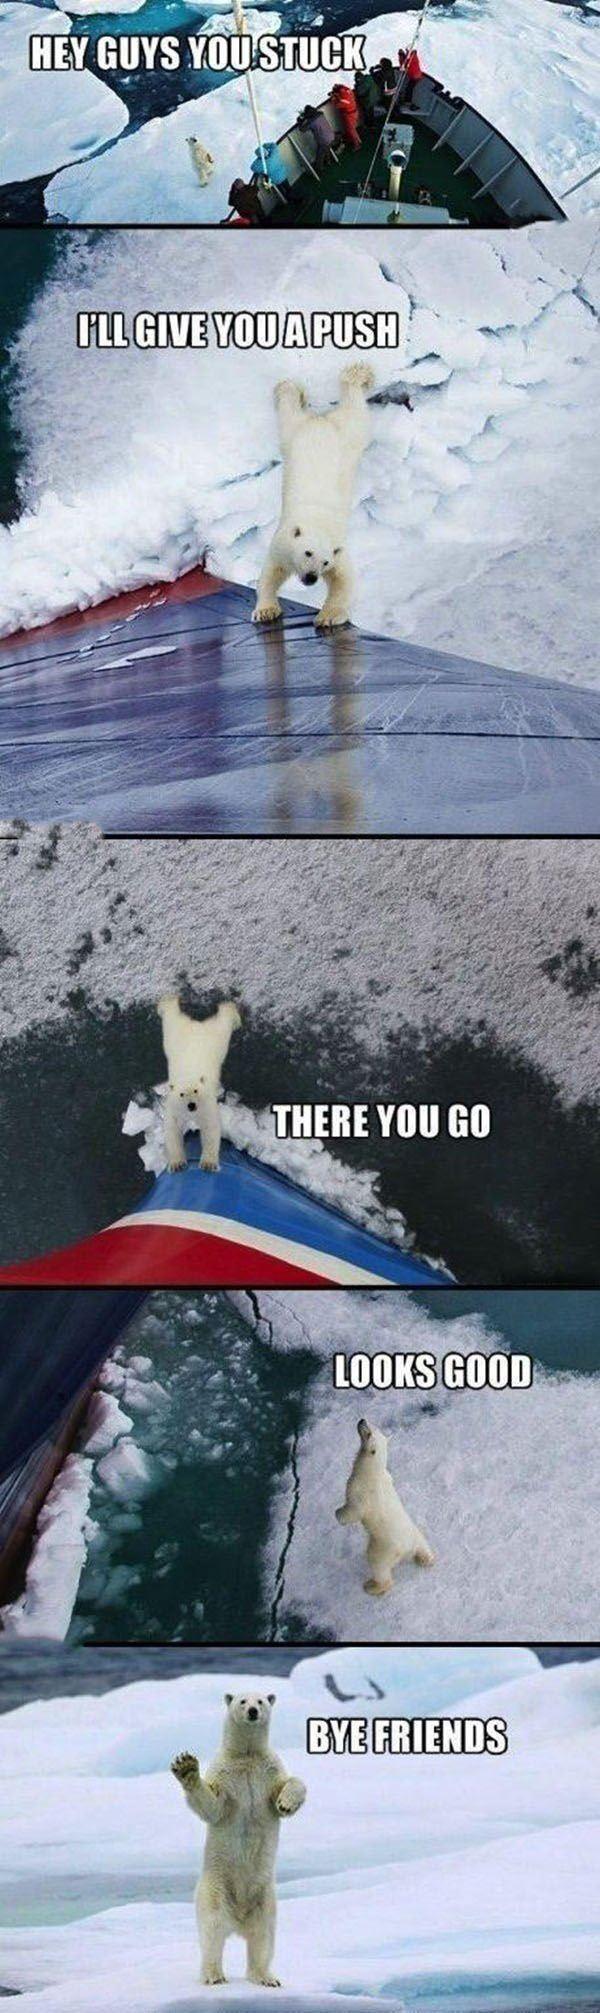 You look stuck